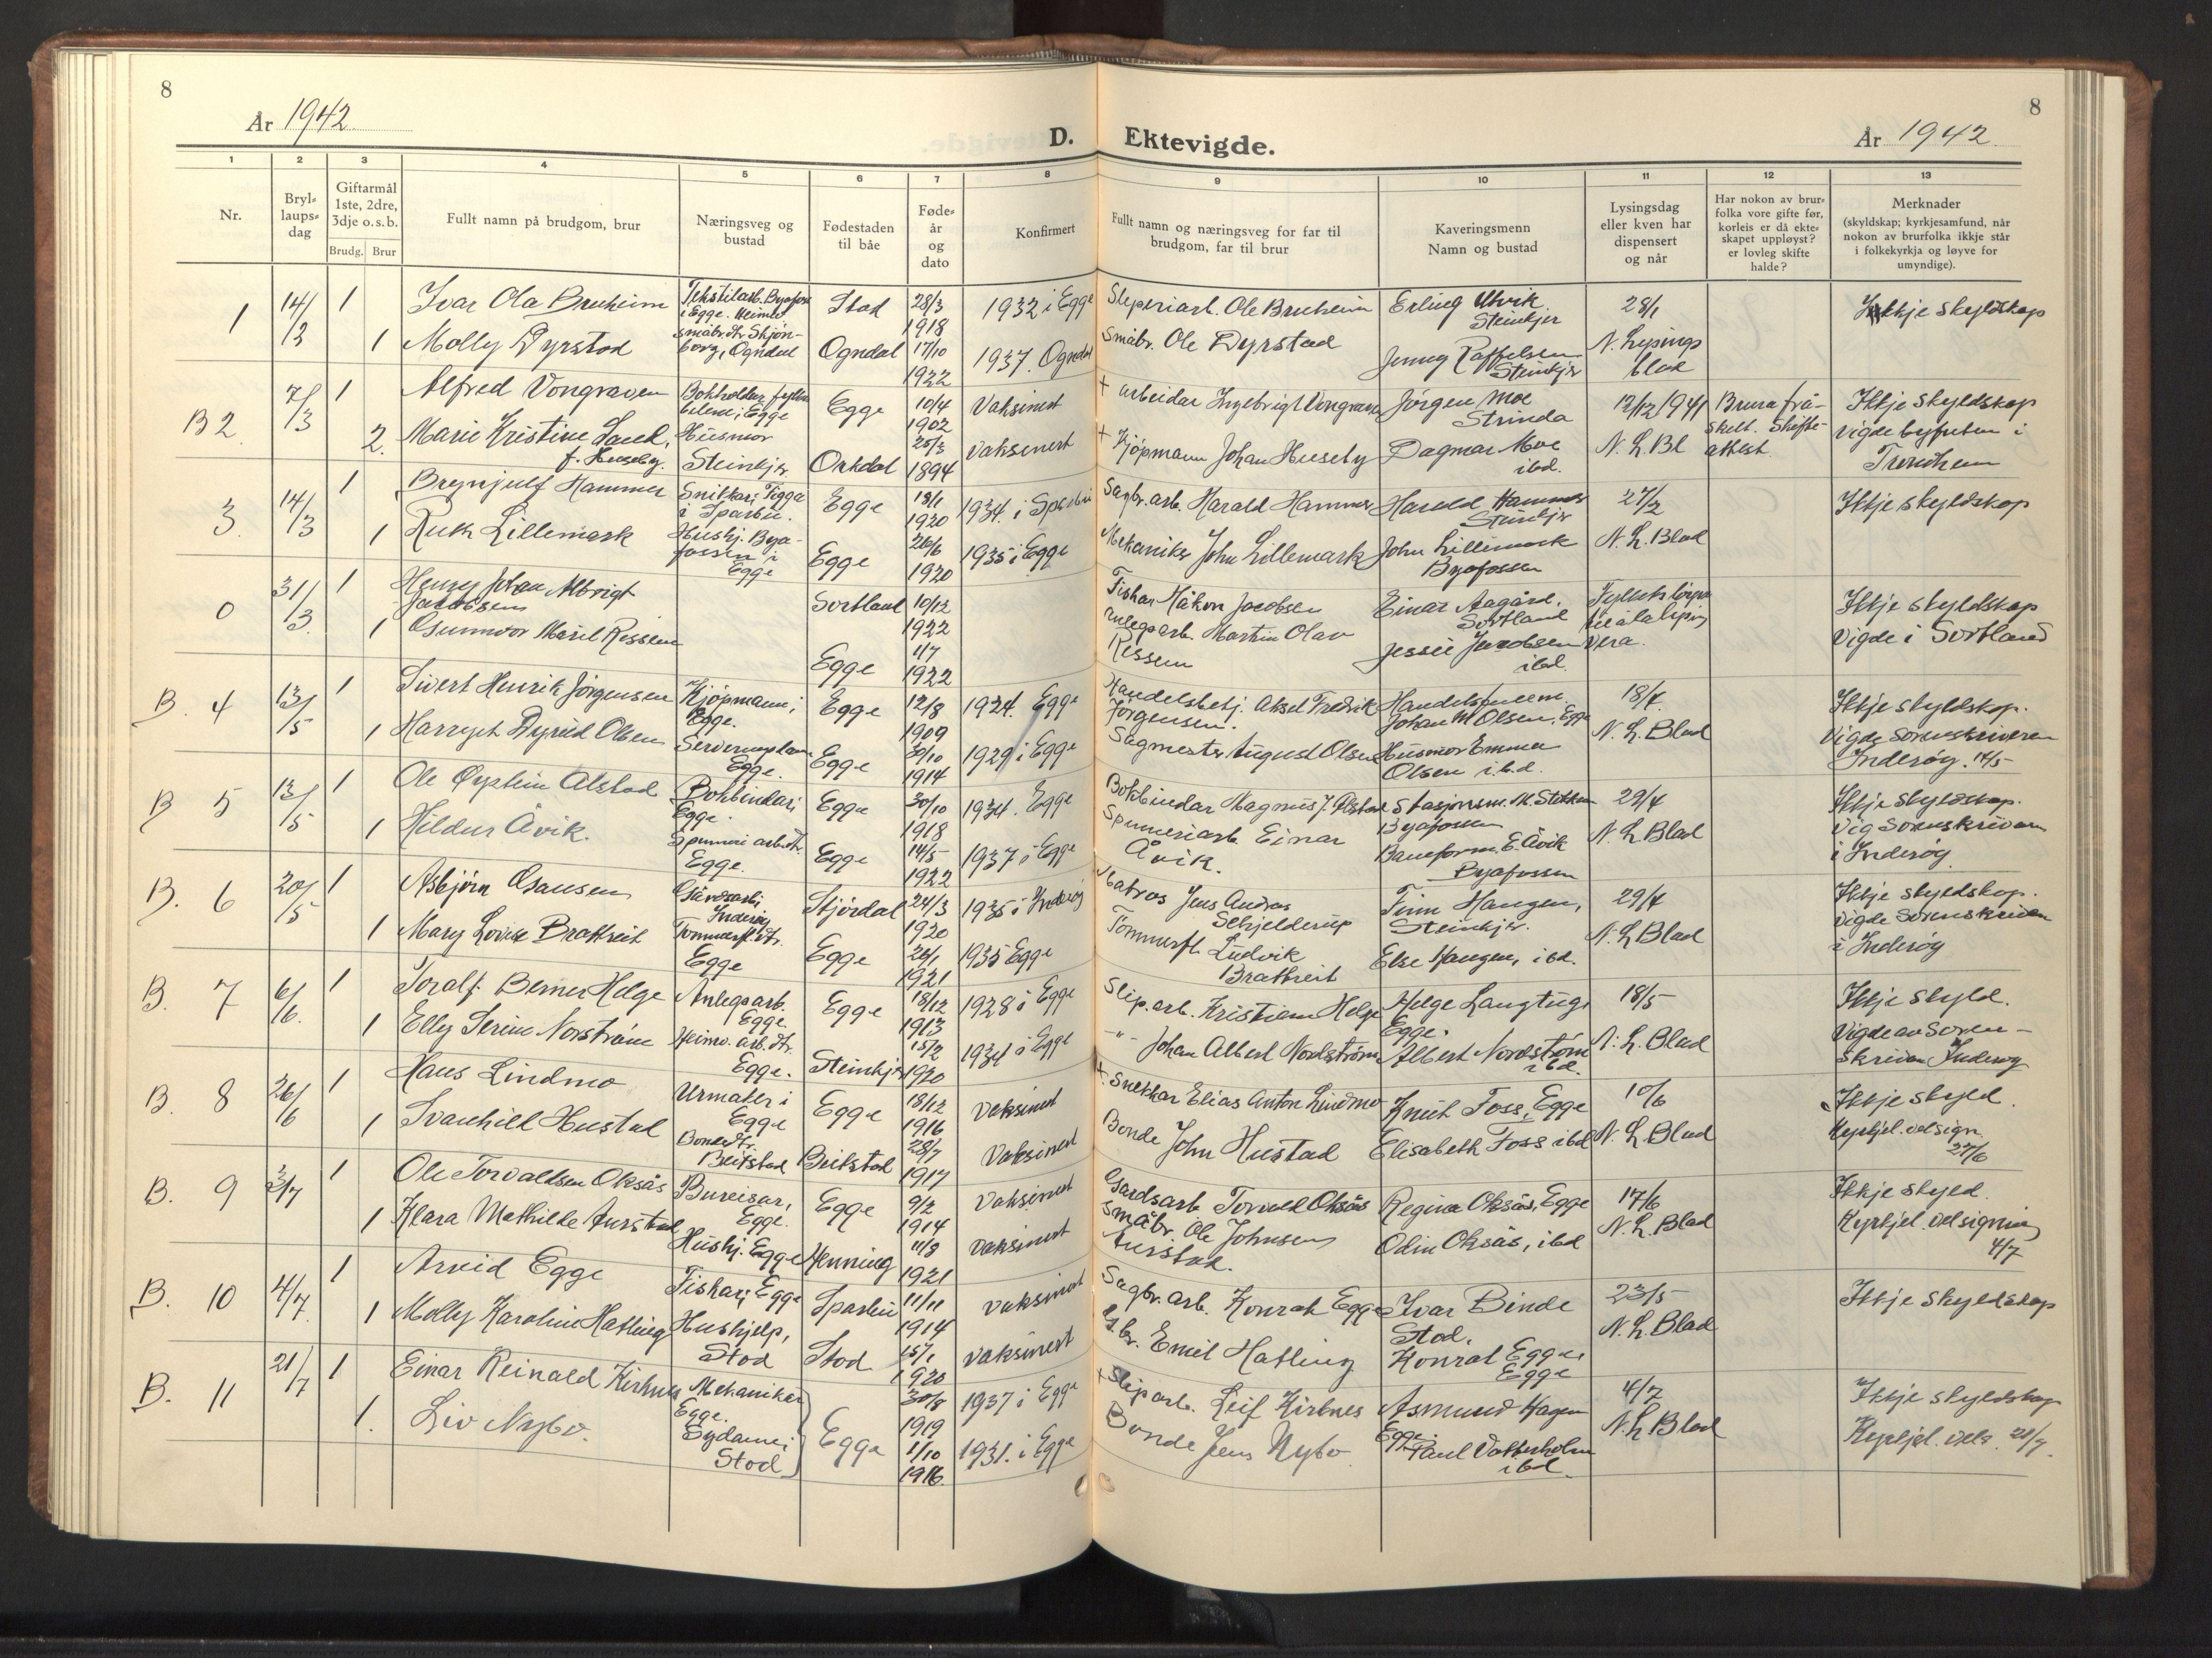 SAT, Ministerialprotokoller, klokkerbøker og fødselsregistre - Nord-Trøndelag, 740/L0384: Klokkerbok nr. 740C05, 1939-1946, s. 8